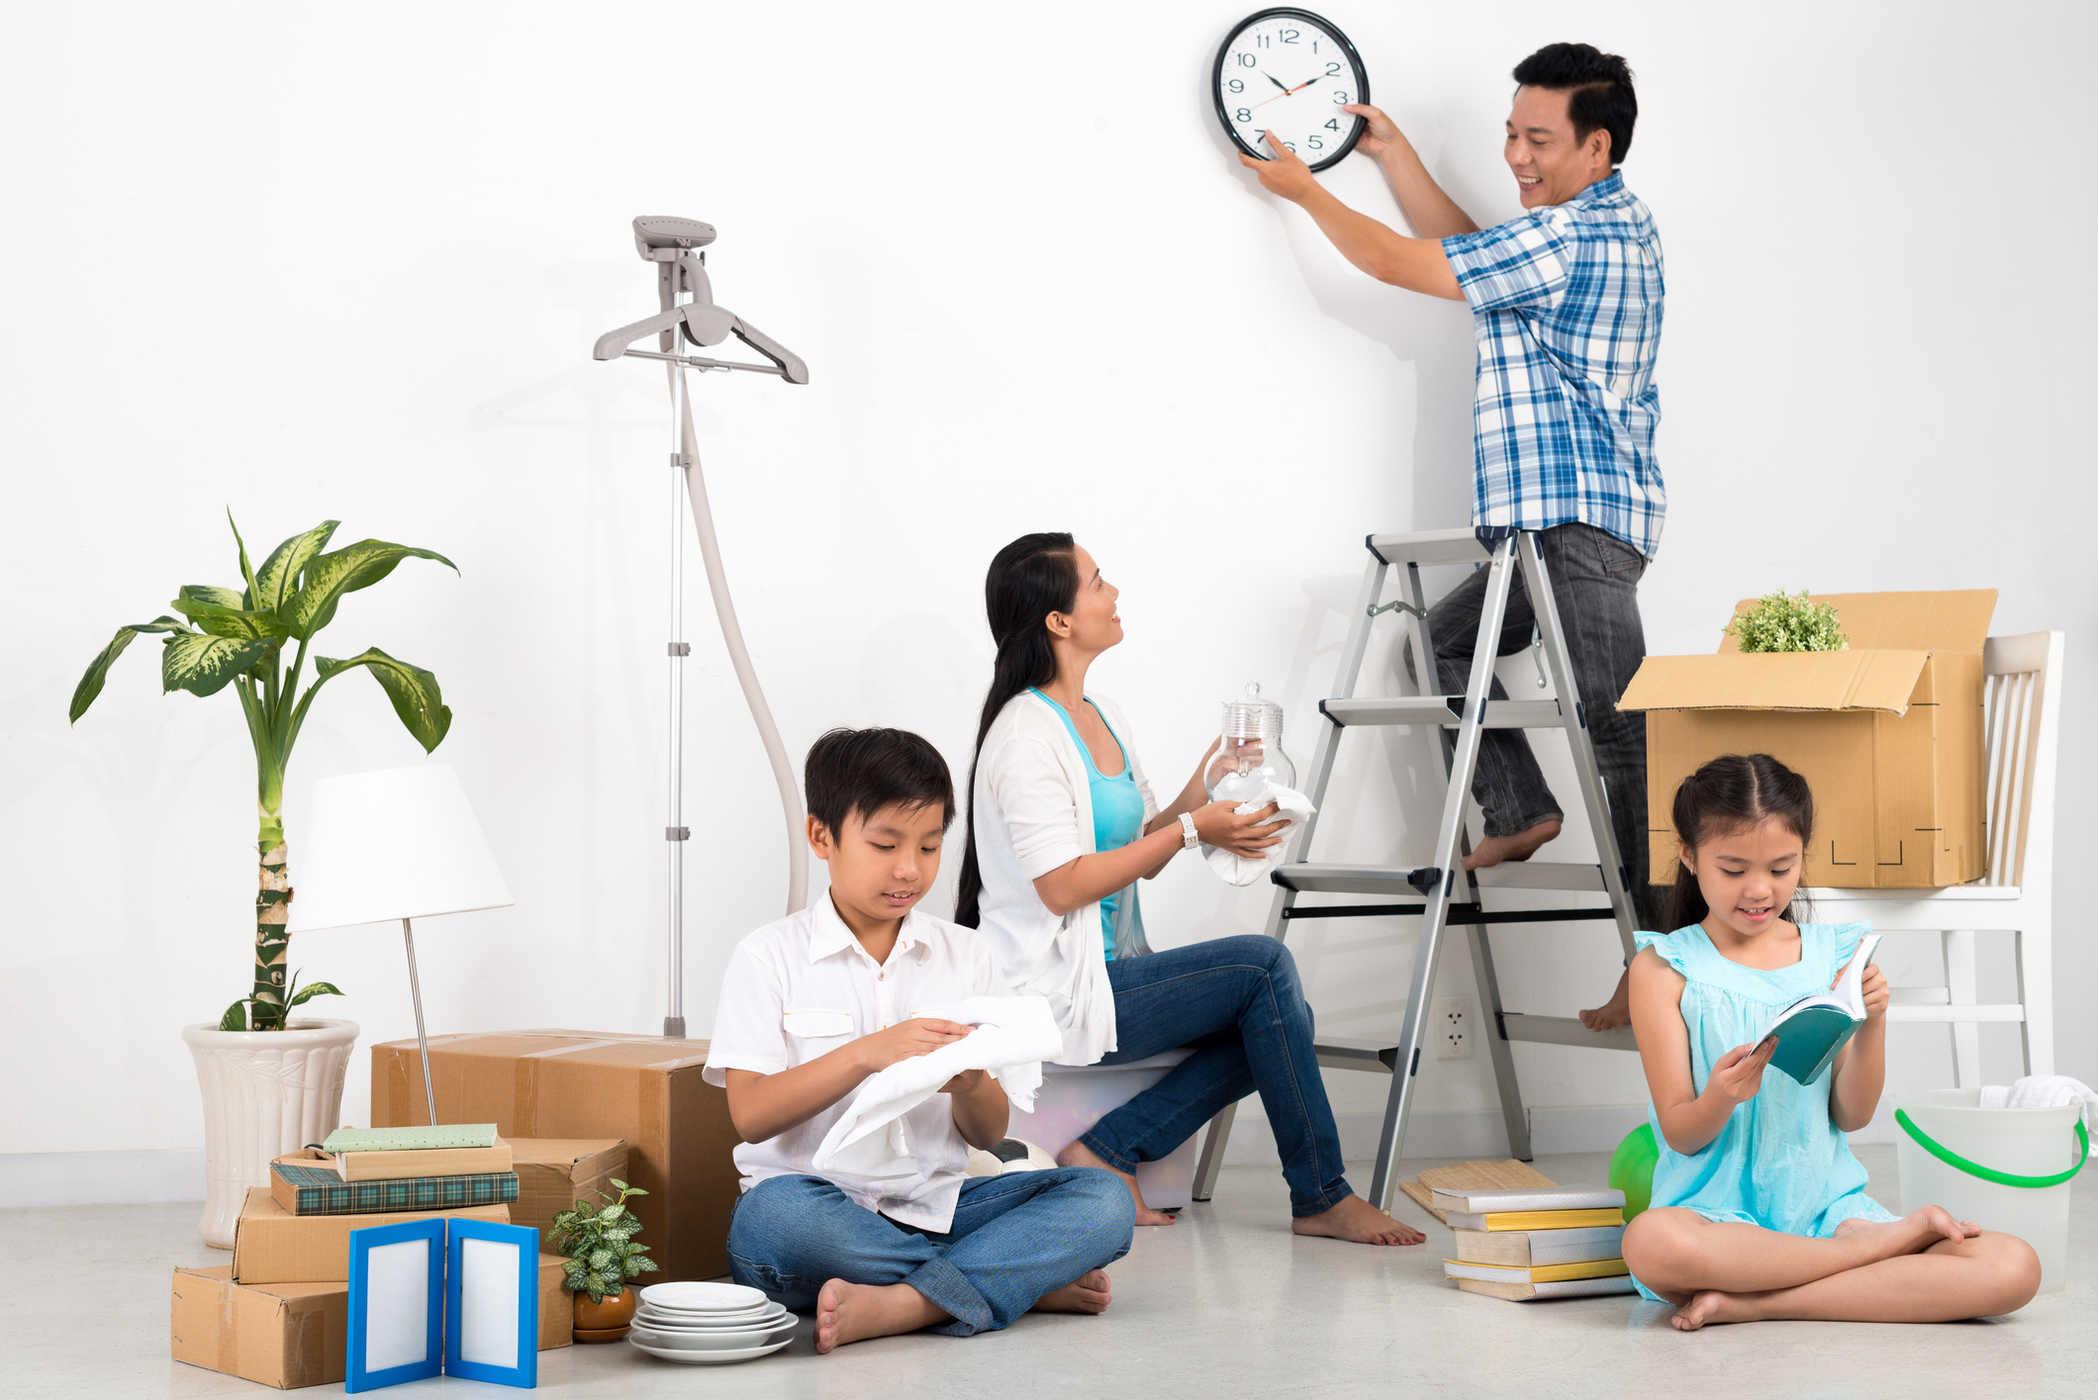 Dọn dẹp nhà cửa để có một không gian sống mới.